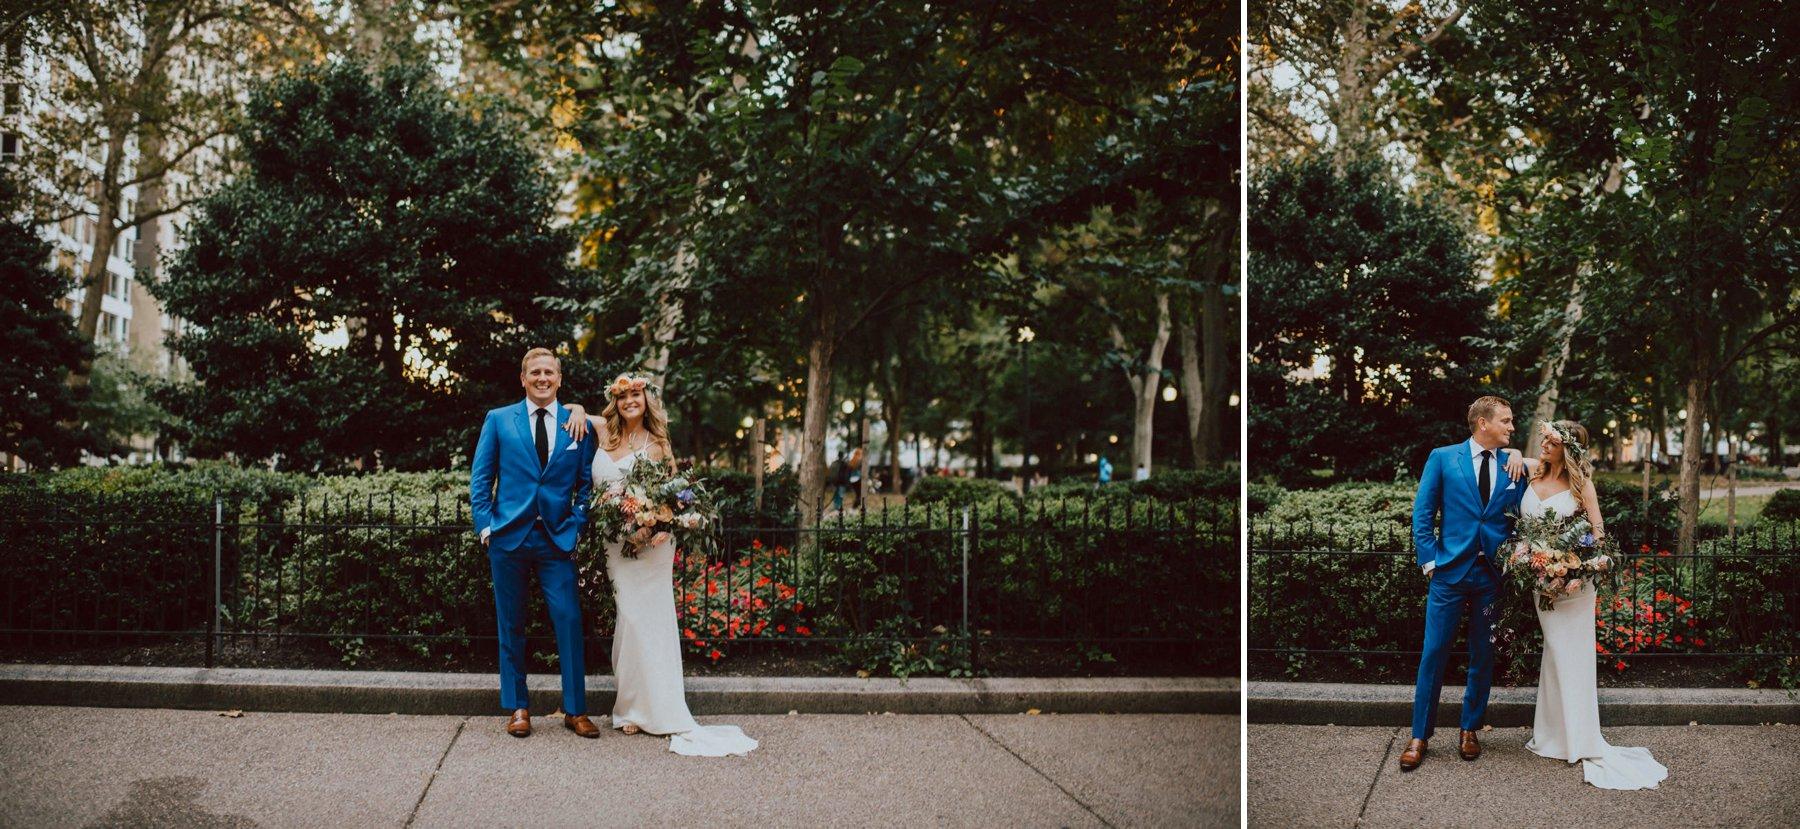 la-cheri-philadelphia-wedding-77.jpg